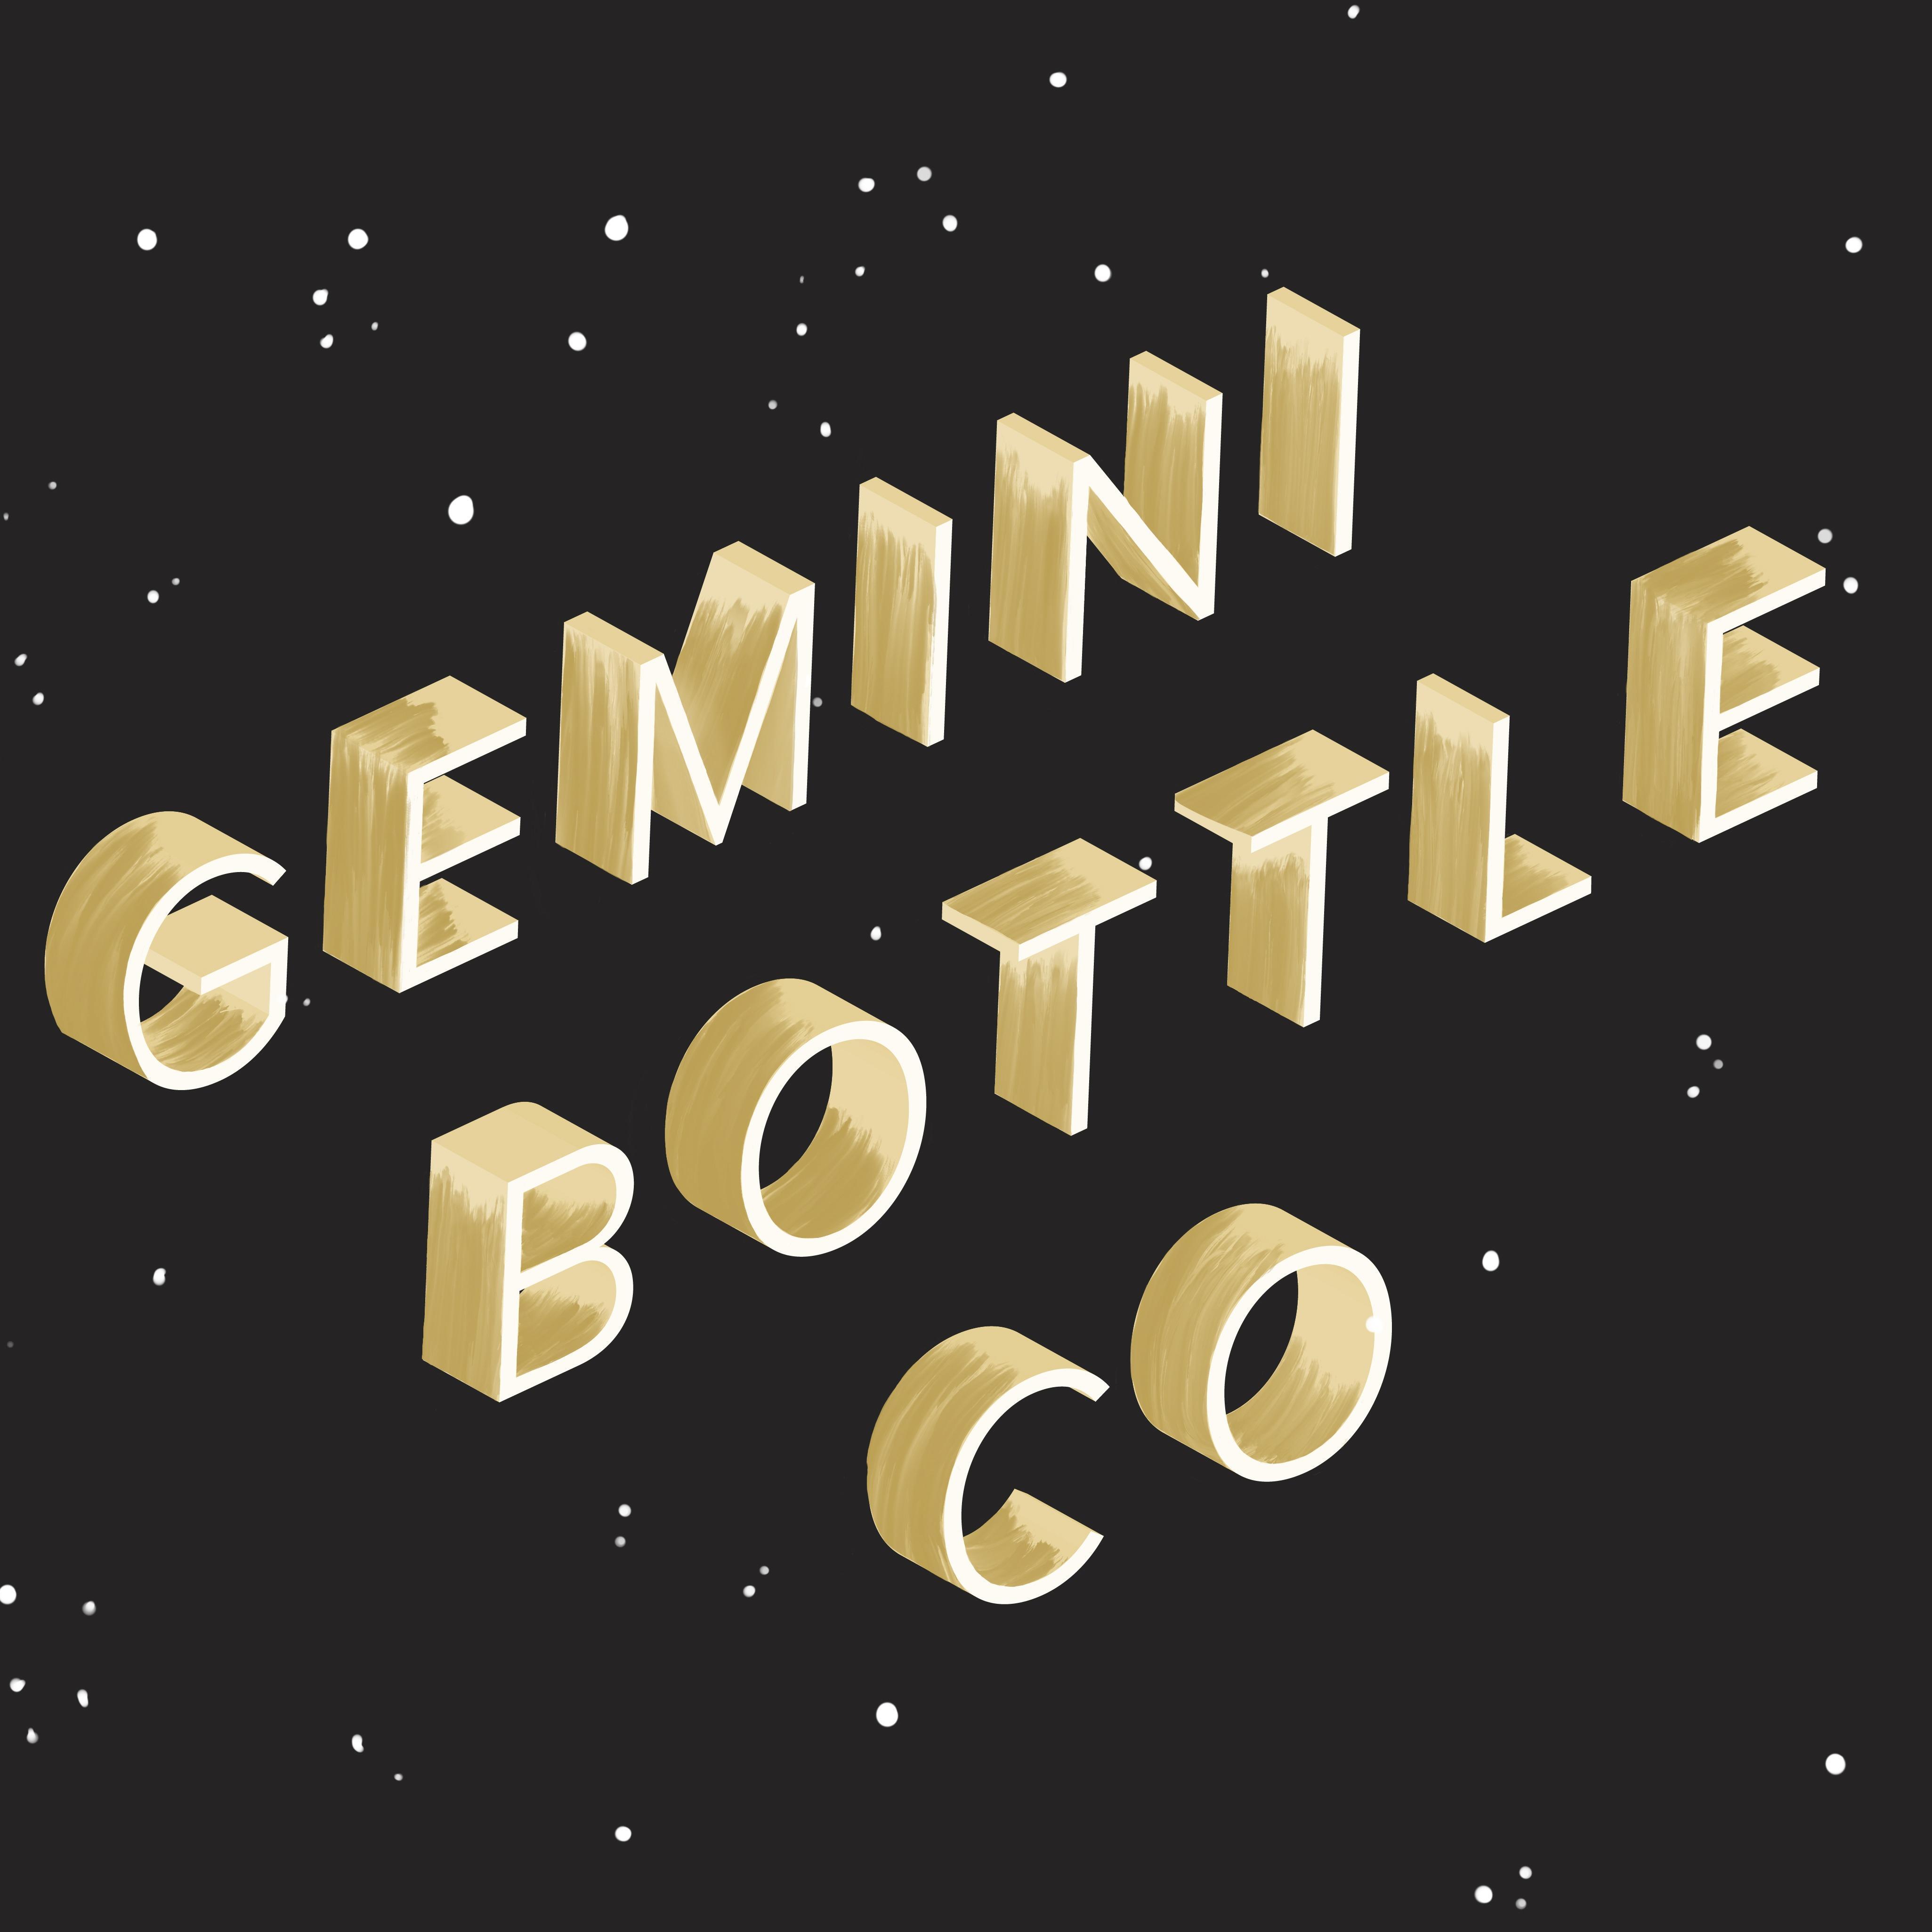 Gemini Bottle Co